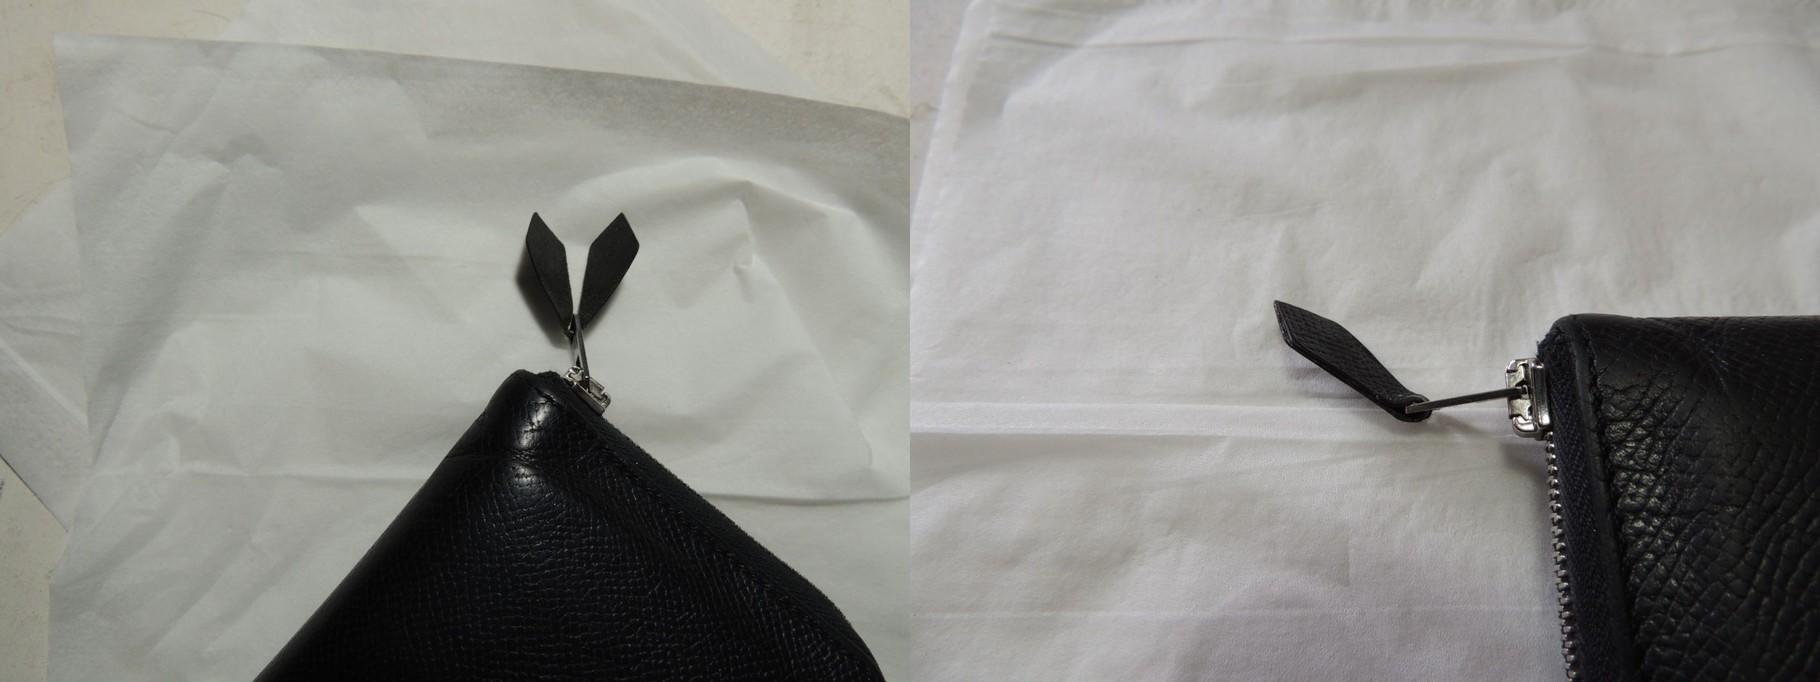 財布フラップ修理